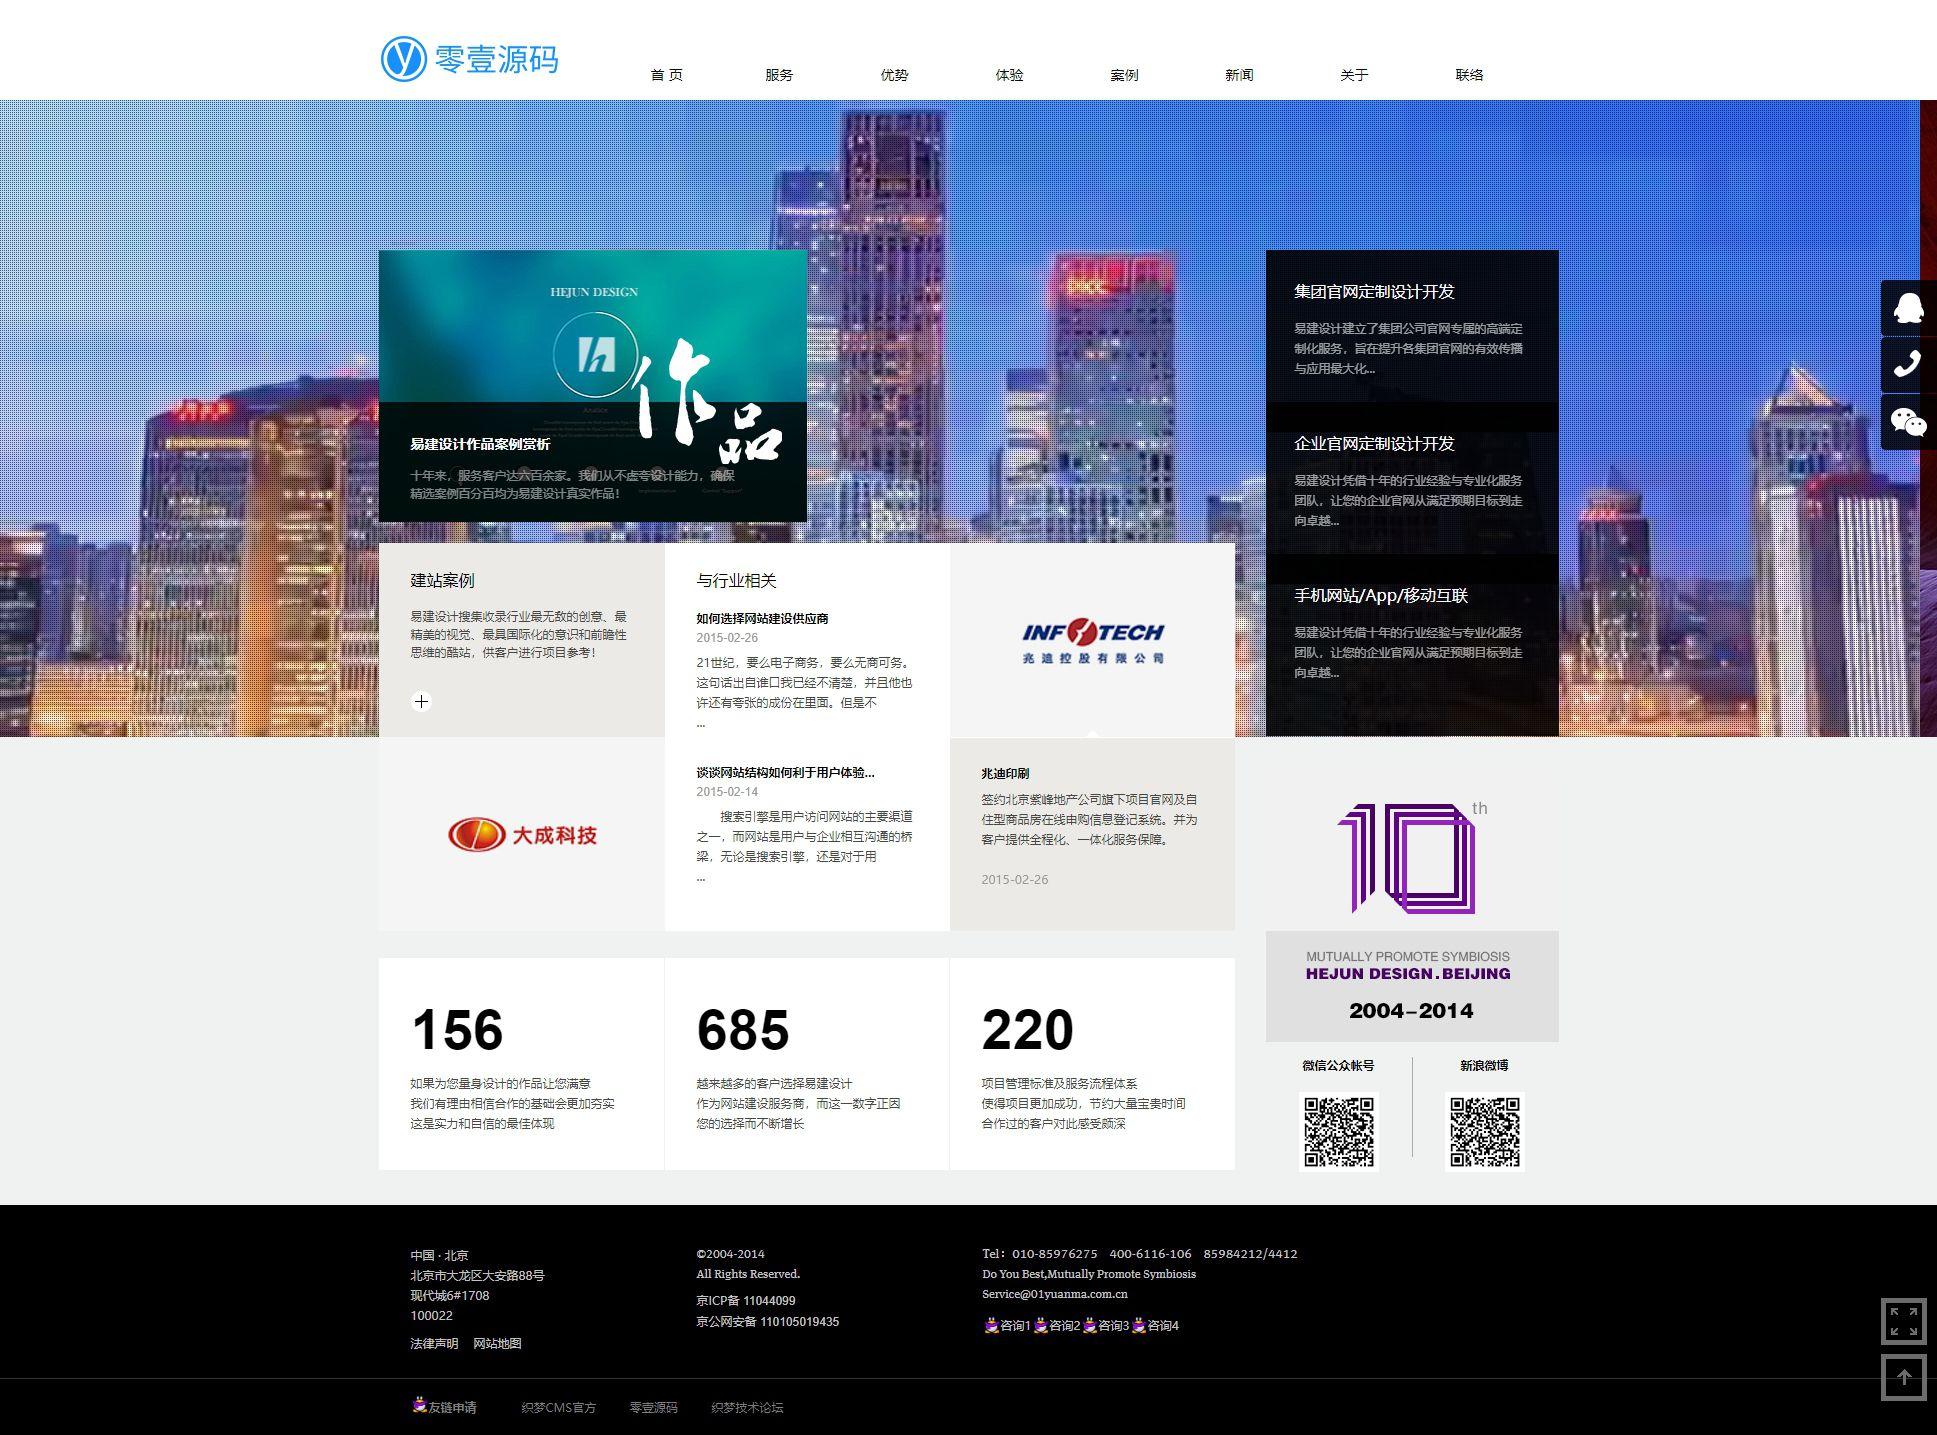 织梦dedecms宽屏网建设计类企业通用模板